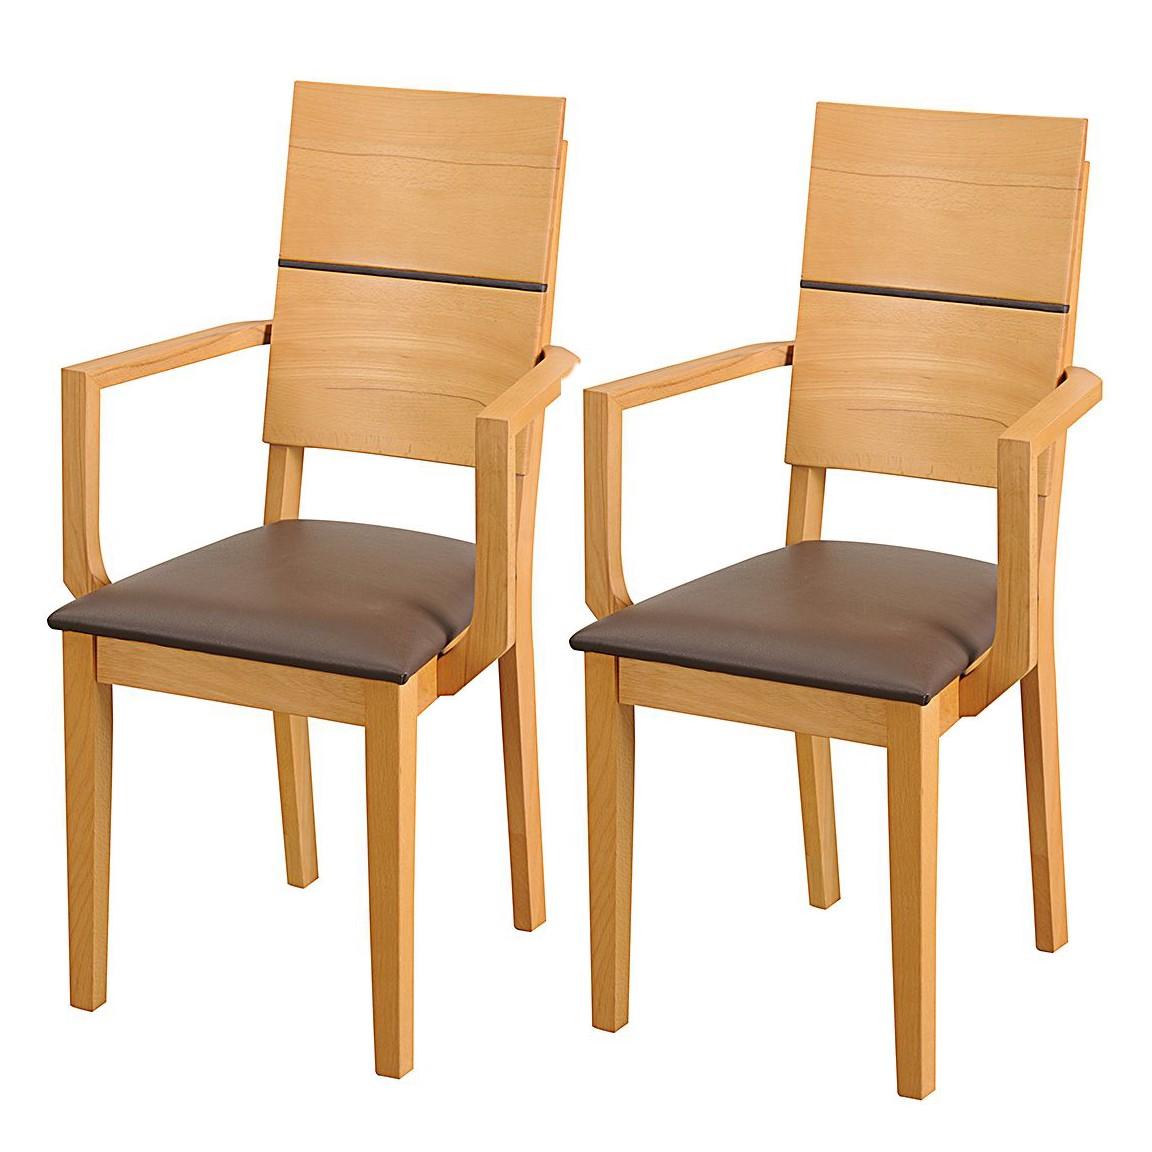 Home 24 - Chaise avec accoudoirs richwood (lot de 2) - cuir véritable marron - duramen de hêtre, ars natura